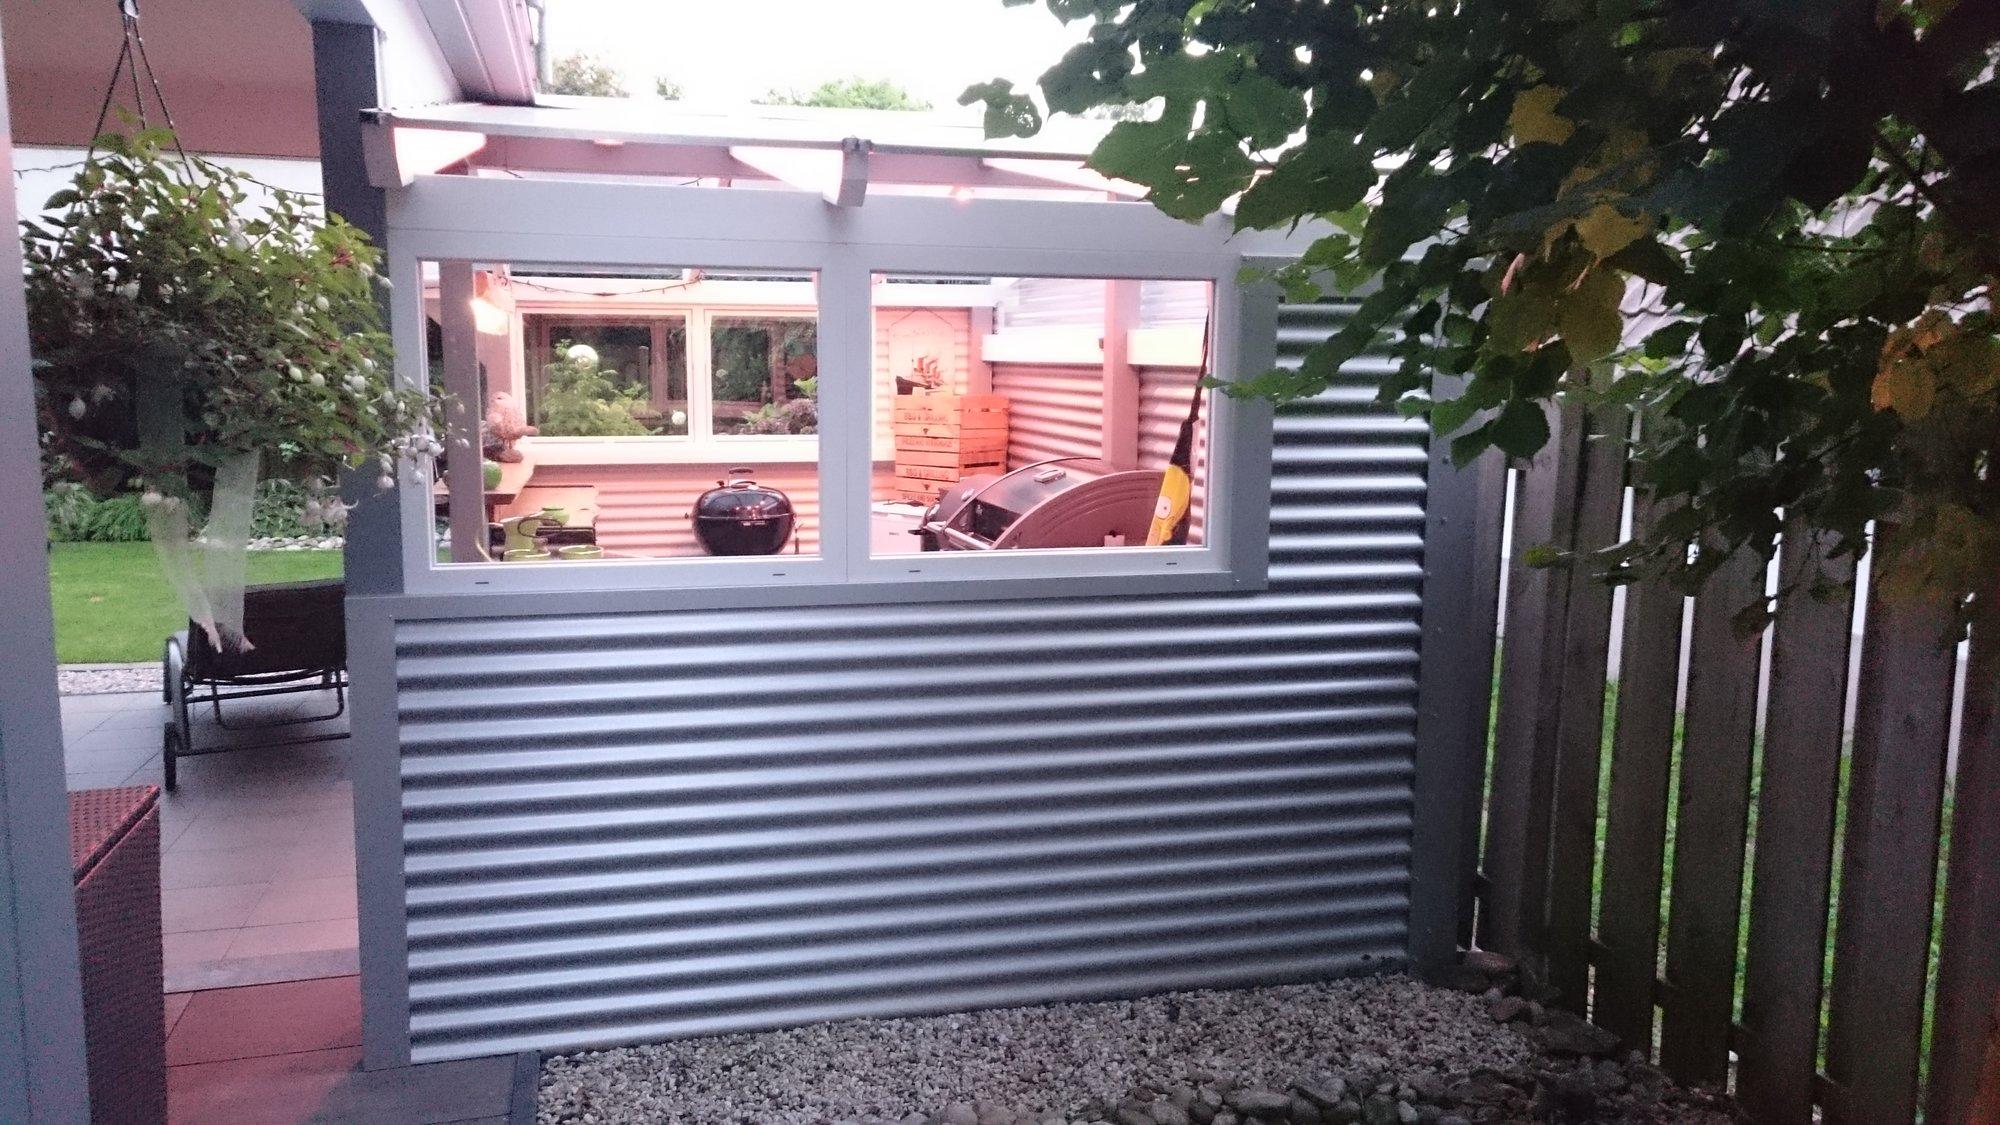 Outdoorküche Garten Edelstahl Unterschied : Outdoorküche garten edelstahl unterschied gartenkralle oder